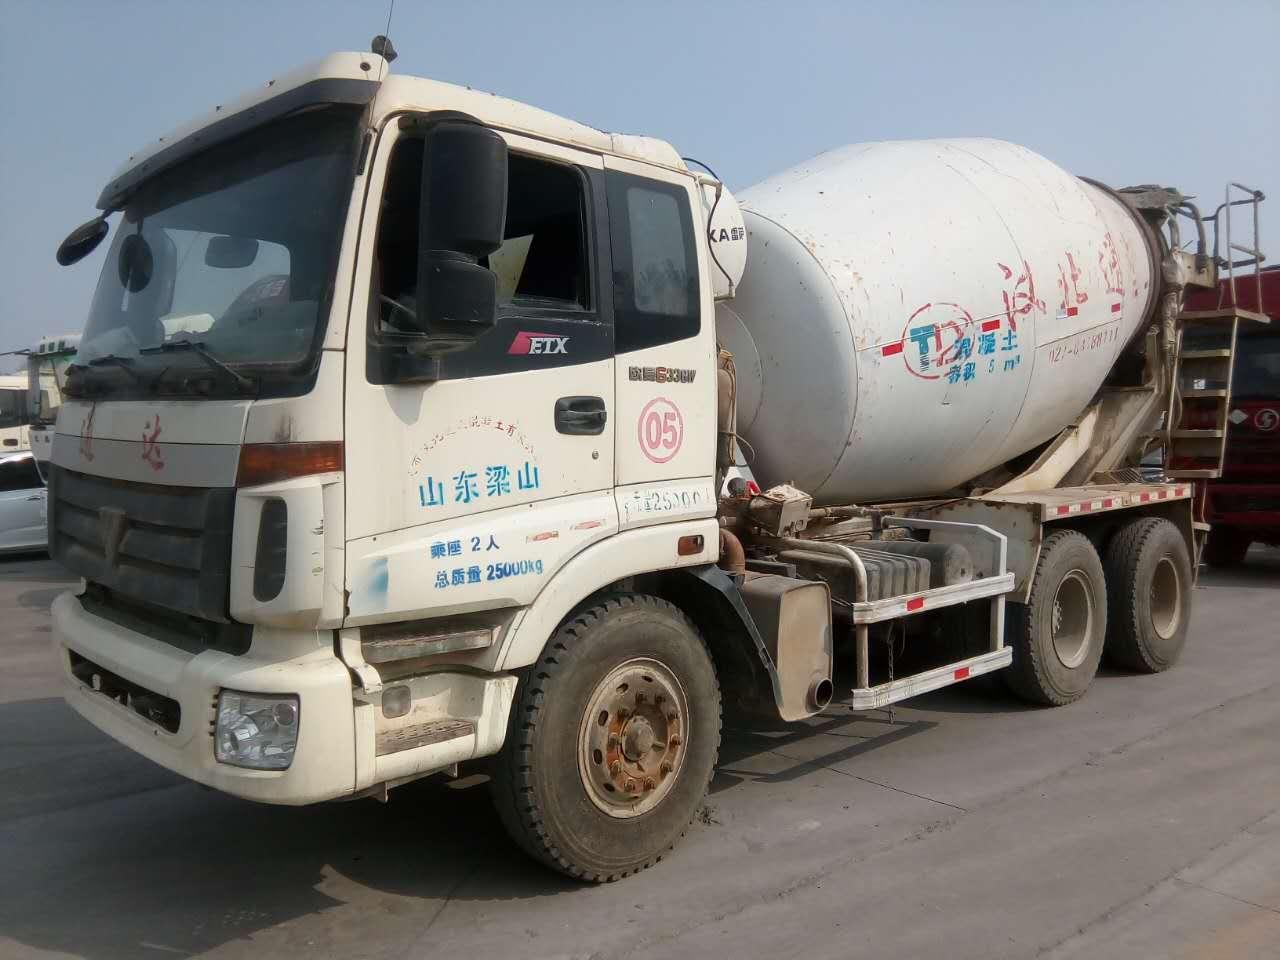 【济宁】混凝土搅拌车 价格10.00万 二手车